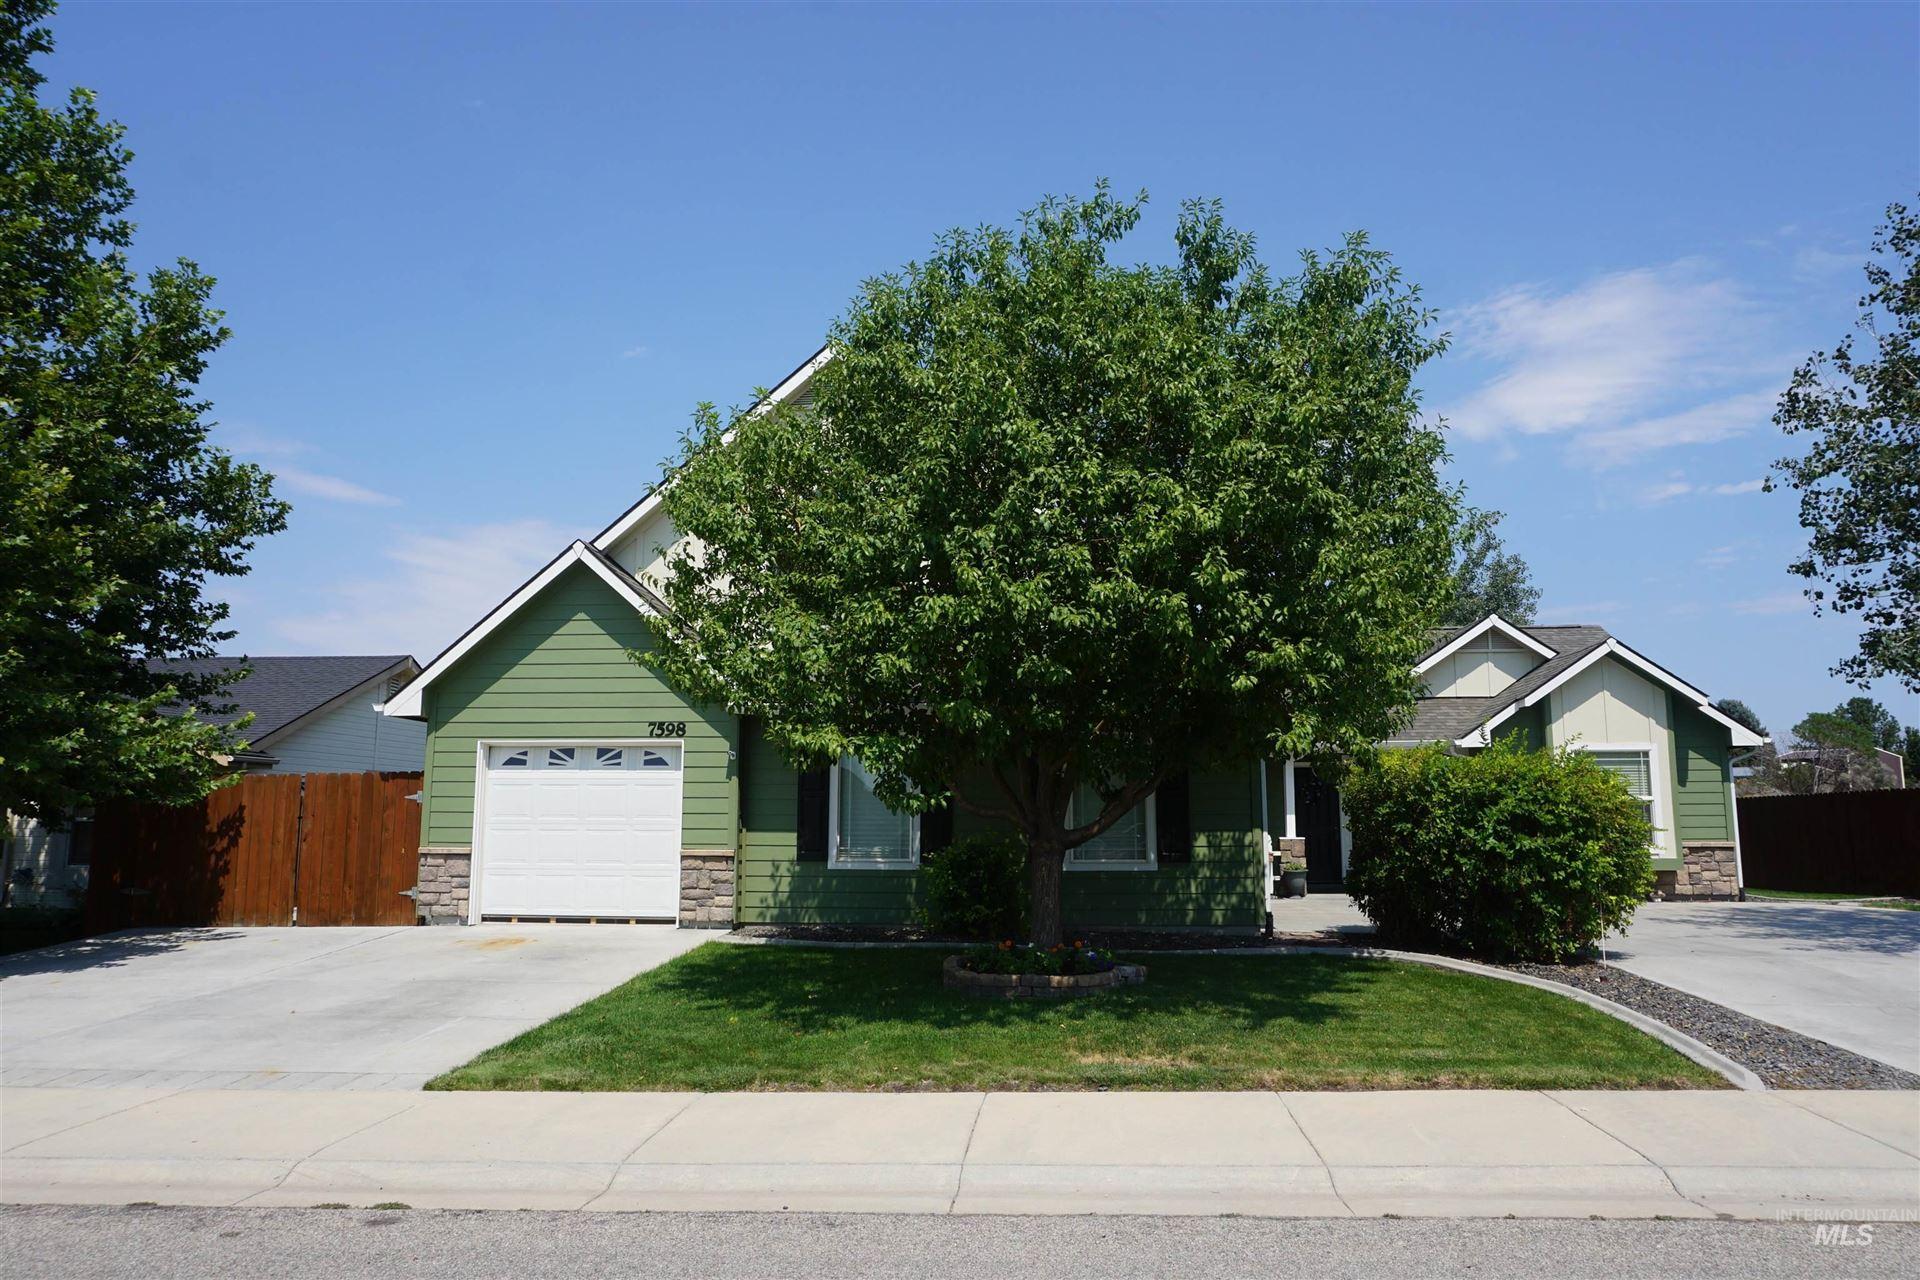 7598 W Bright Star St, Boise, ID 83709 - MLS#: 98812044